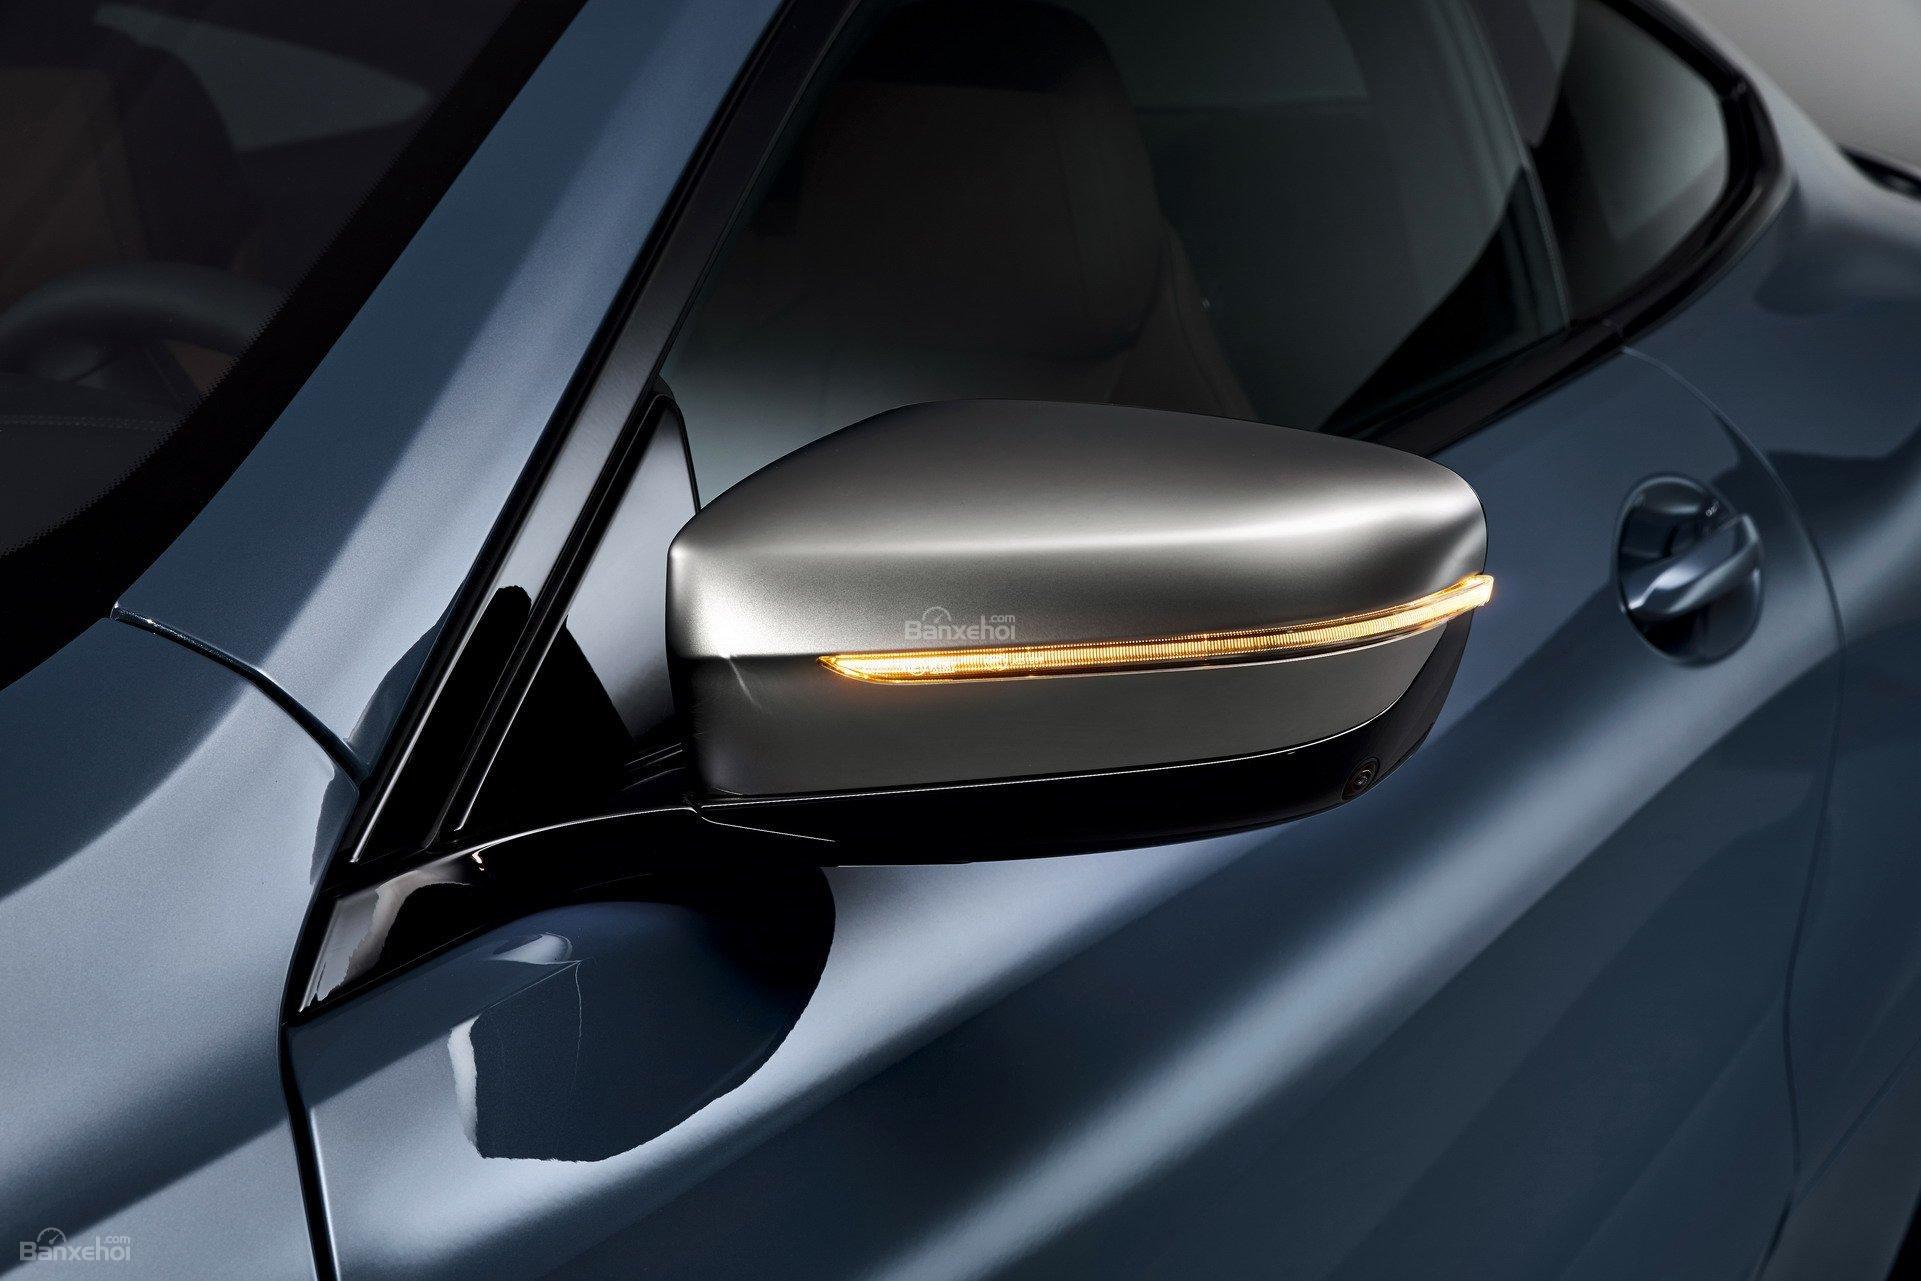 Đánh giá xe BMW 8-Series 2019: Gương hậu tích hợp đèn xi-nhan z